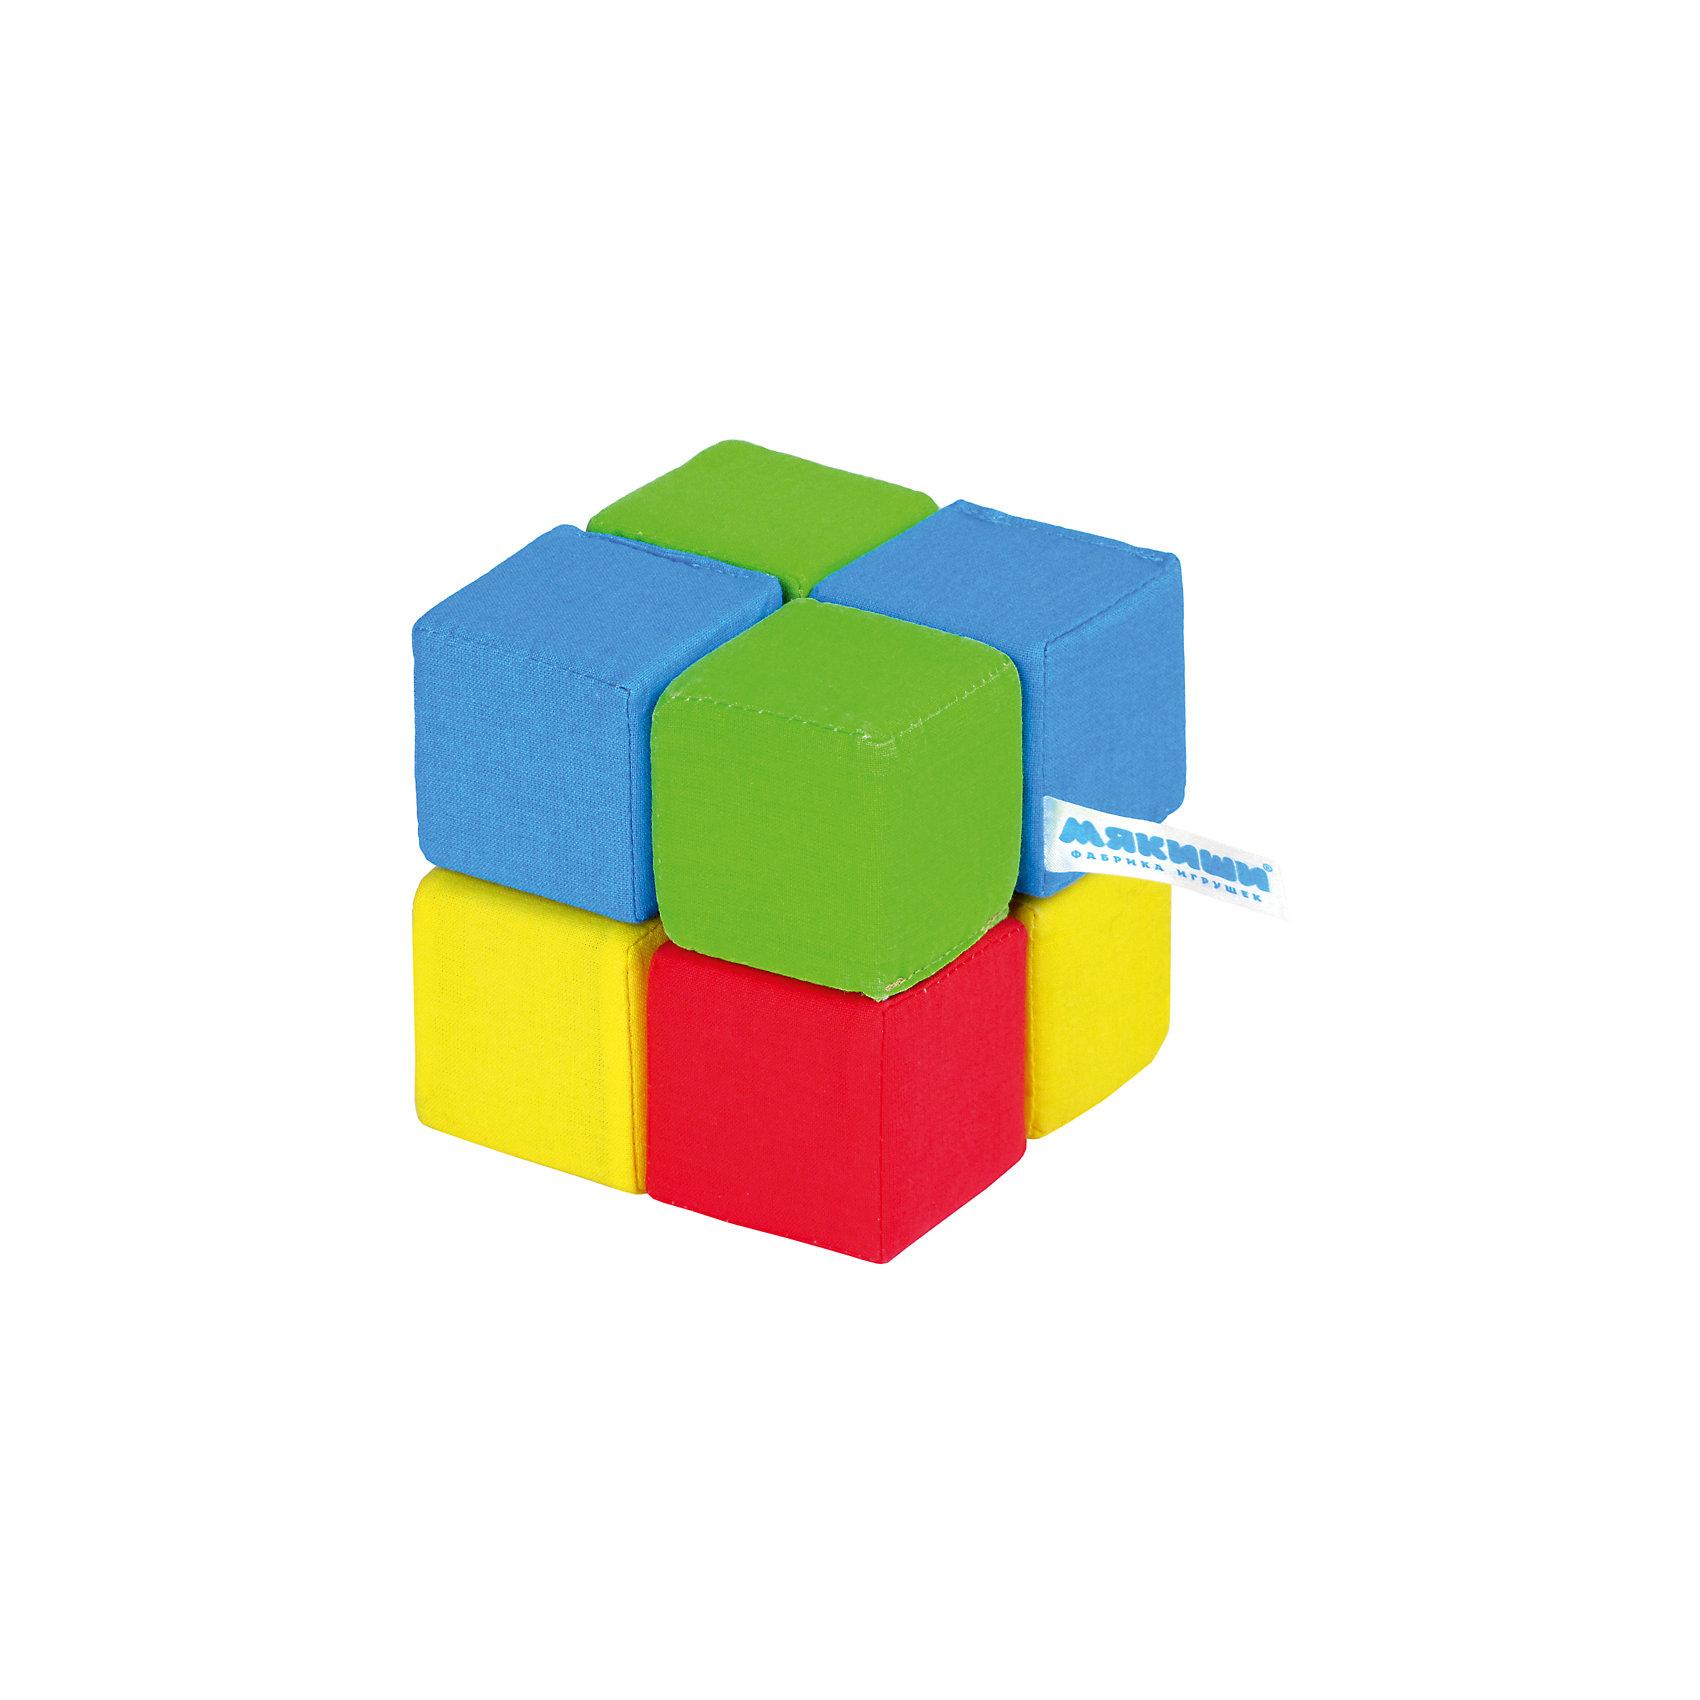 Кубики Четыре цвета, МякишиХарактеристики товара:<br><br>• материал: хлопок, поролон<br>• комплектация: 8 шт<br>• размер кубика: 5х5 см<br>• размер упаковки: 15 x 18 x 10 см<br>• развивающая игрушка<br>• звуковой элемент в одном кубике<br>• упаковка: пакет<br>• страна бренда: РФ<br>• страна изготовитель: РФ<br><br>Малыши активно познают мир и тянутся к новой информации. Чтобы сделать процесс изучения окружающего пространства интереснее, ребенку можно подарить развивающие игрушки. В процессе игры информация усваивается намного лучше!<br>Такие кубики помогут занять малыша, играть ими приятно и весело. Одновременно они позволят познакомиться с разными цветами. Такие игрушки развивают тактильные ощущения, моторику, цветовосприятие, логику, воображение, учат фокусировать внимание. Каждое изделие абсолютно безопасно – оно создано из качественной ткани с мягким наполнителем. Игрушки производятся из качественных и проверенных материалов, которые безопасны для детей.<br><br>Кубики Четыре цвета от бренда Мякиши можно купить в нашем интернет-магазине.<br><br>Ширина мм: 150<br>Глубина мм: 180<br>Высота мм: 100<br>Вес г: 80<br>Возраст от месяцев: 12<br>Возраст до месяцев: 36<br>Пол: Унисекс<br>Возраст: Детский<br>SKU: 5183223